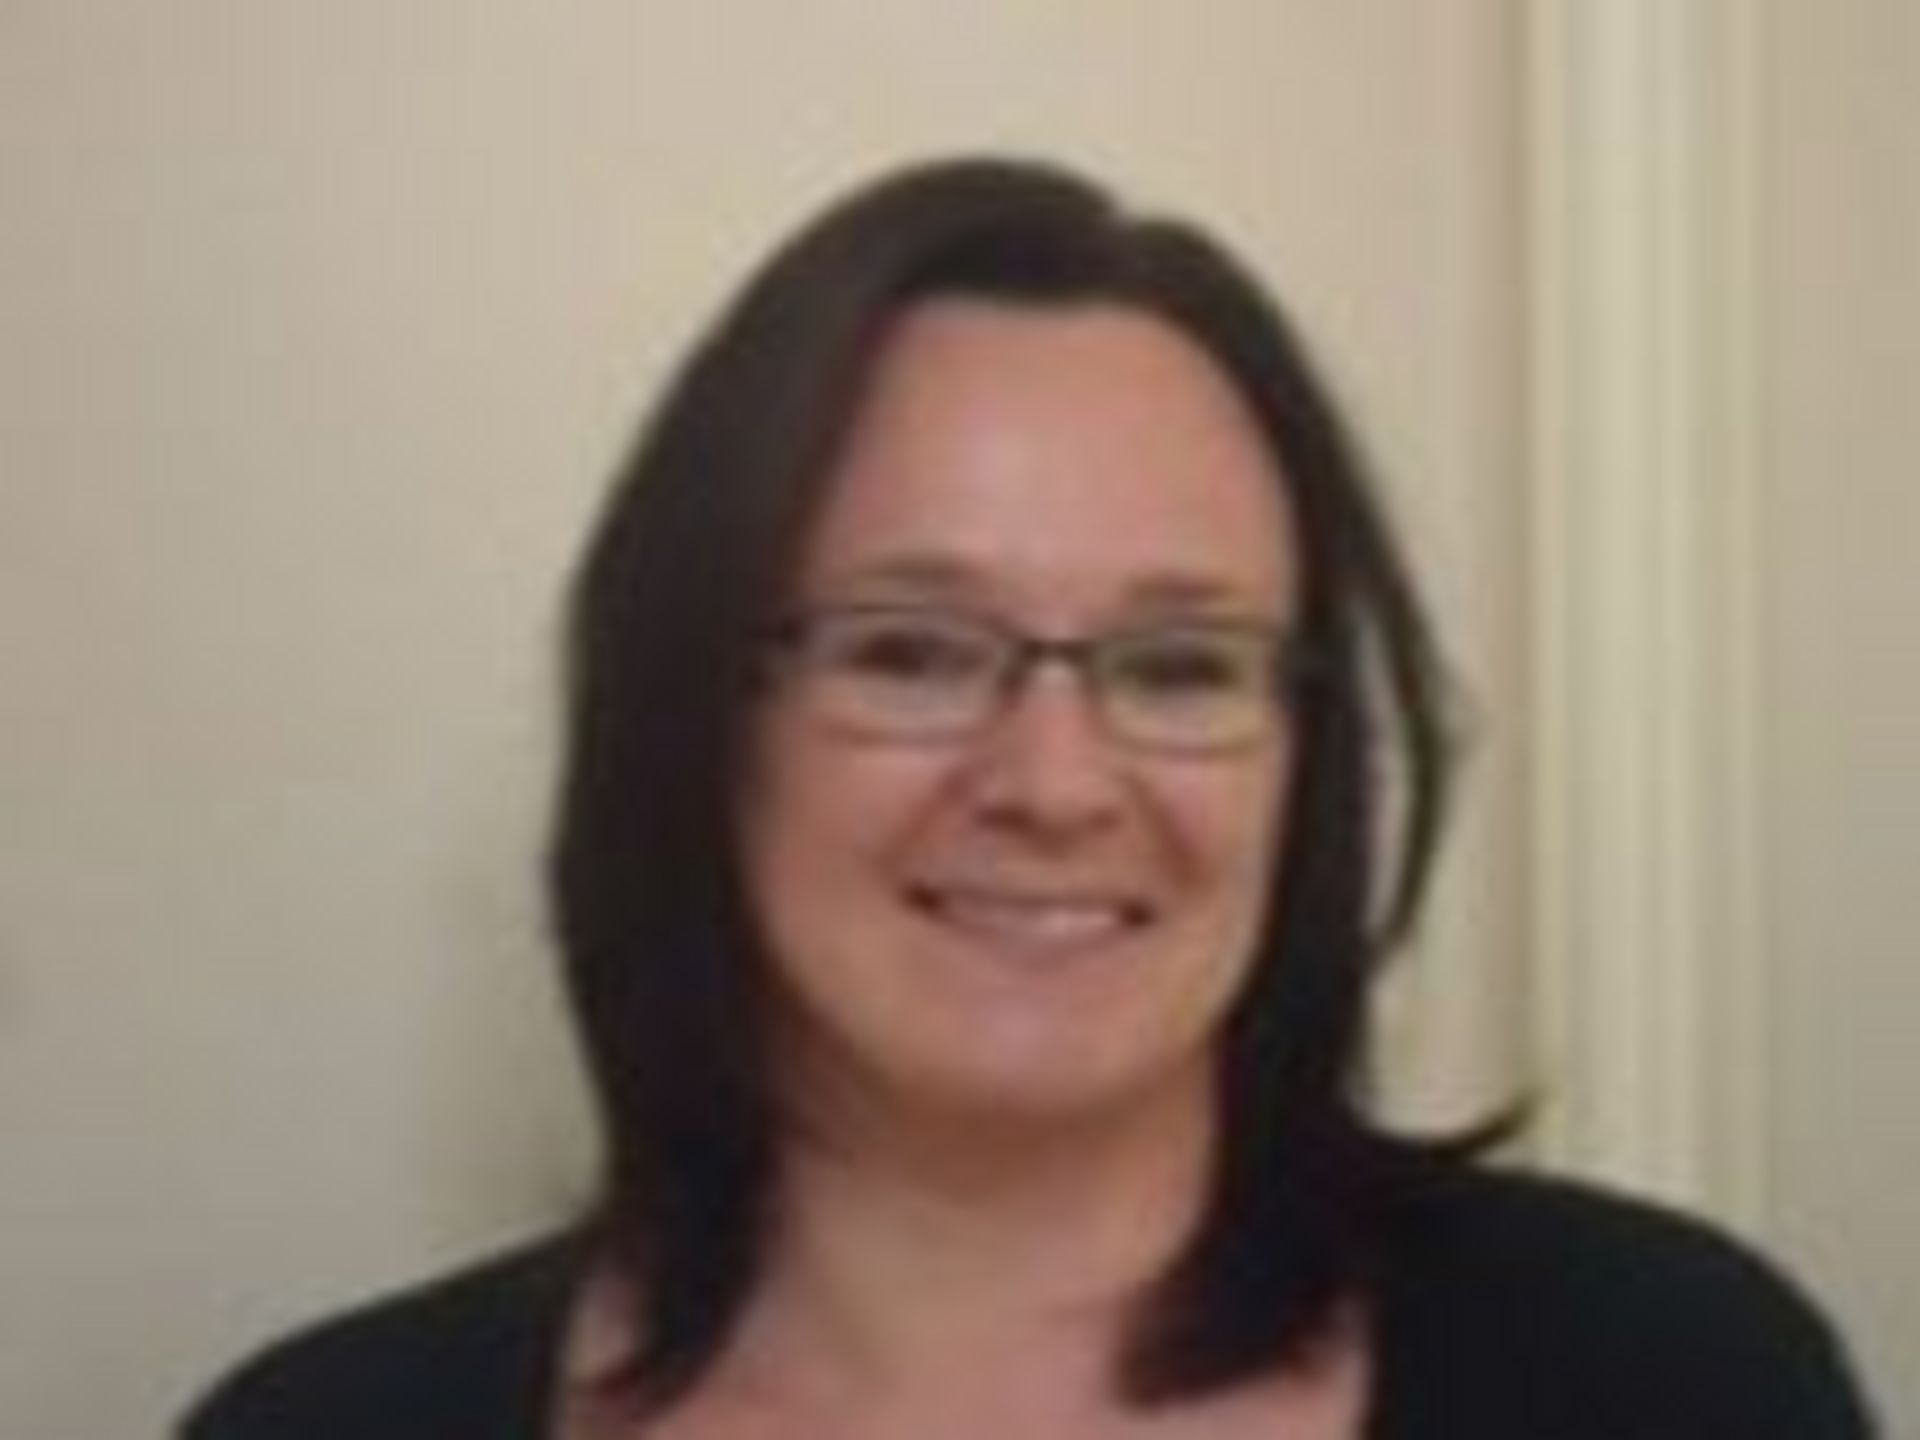 Céline CLEMENT, en charge de la propreté des locaux communaux (classe, mairie, salle des fêtes...) et du ramassage scolaire.